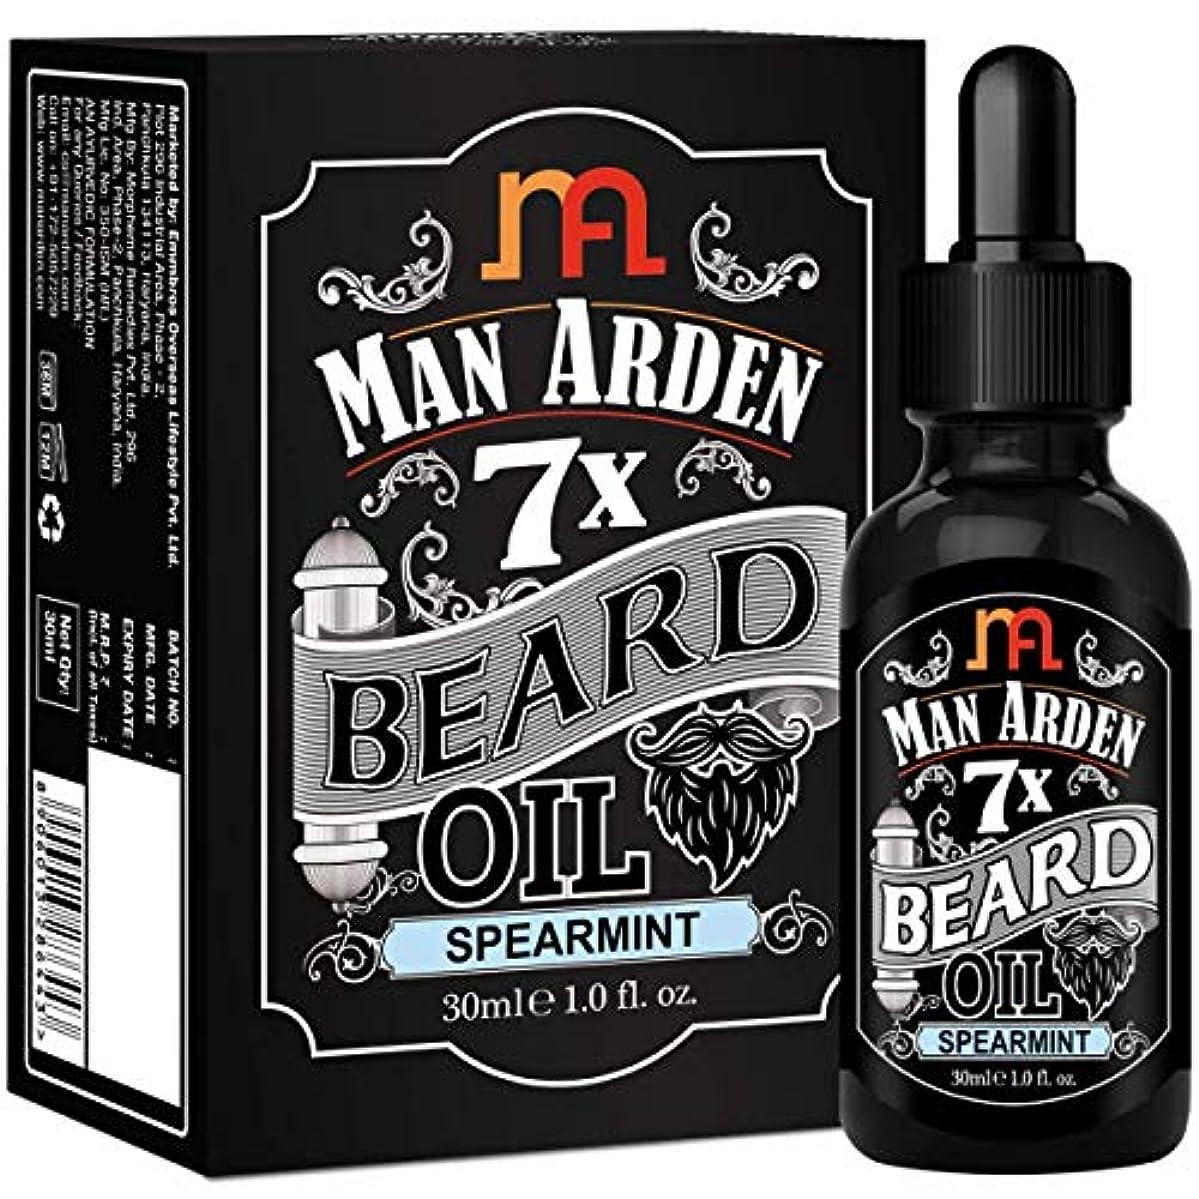 すでに所有者ディスパッチMan Arden 7X Beard Oil 30ml (Spearmint) - 7 Premium Oils For Beard Growth & Nourishment